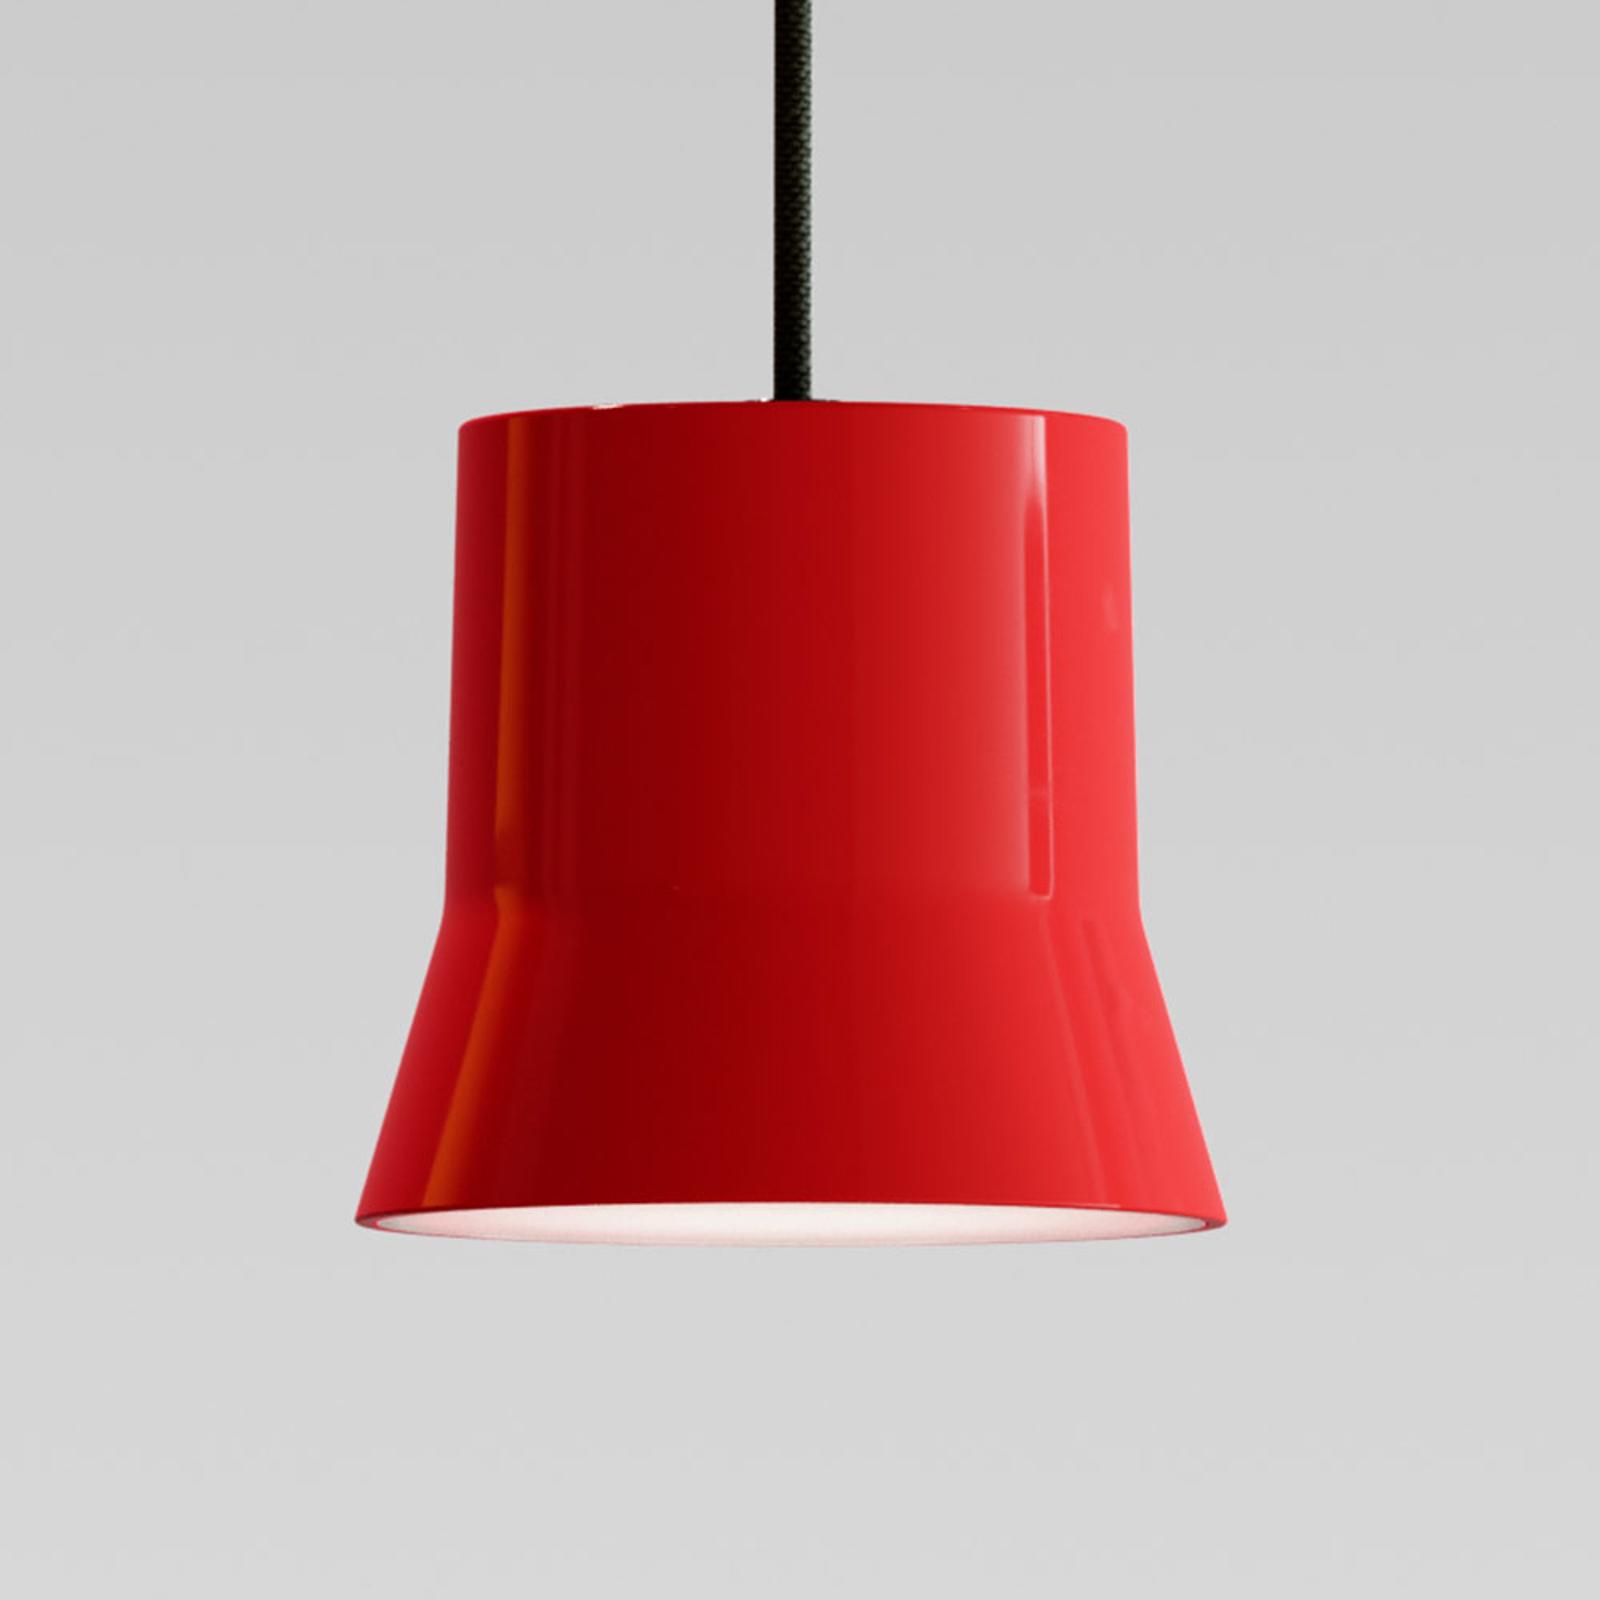 Artemide GIO.light LED-pendellampe, rød